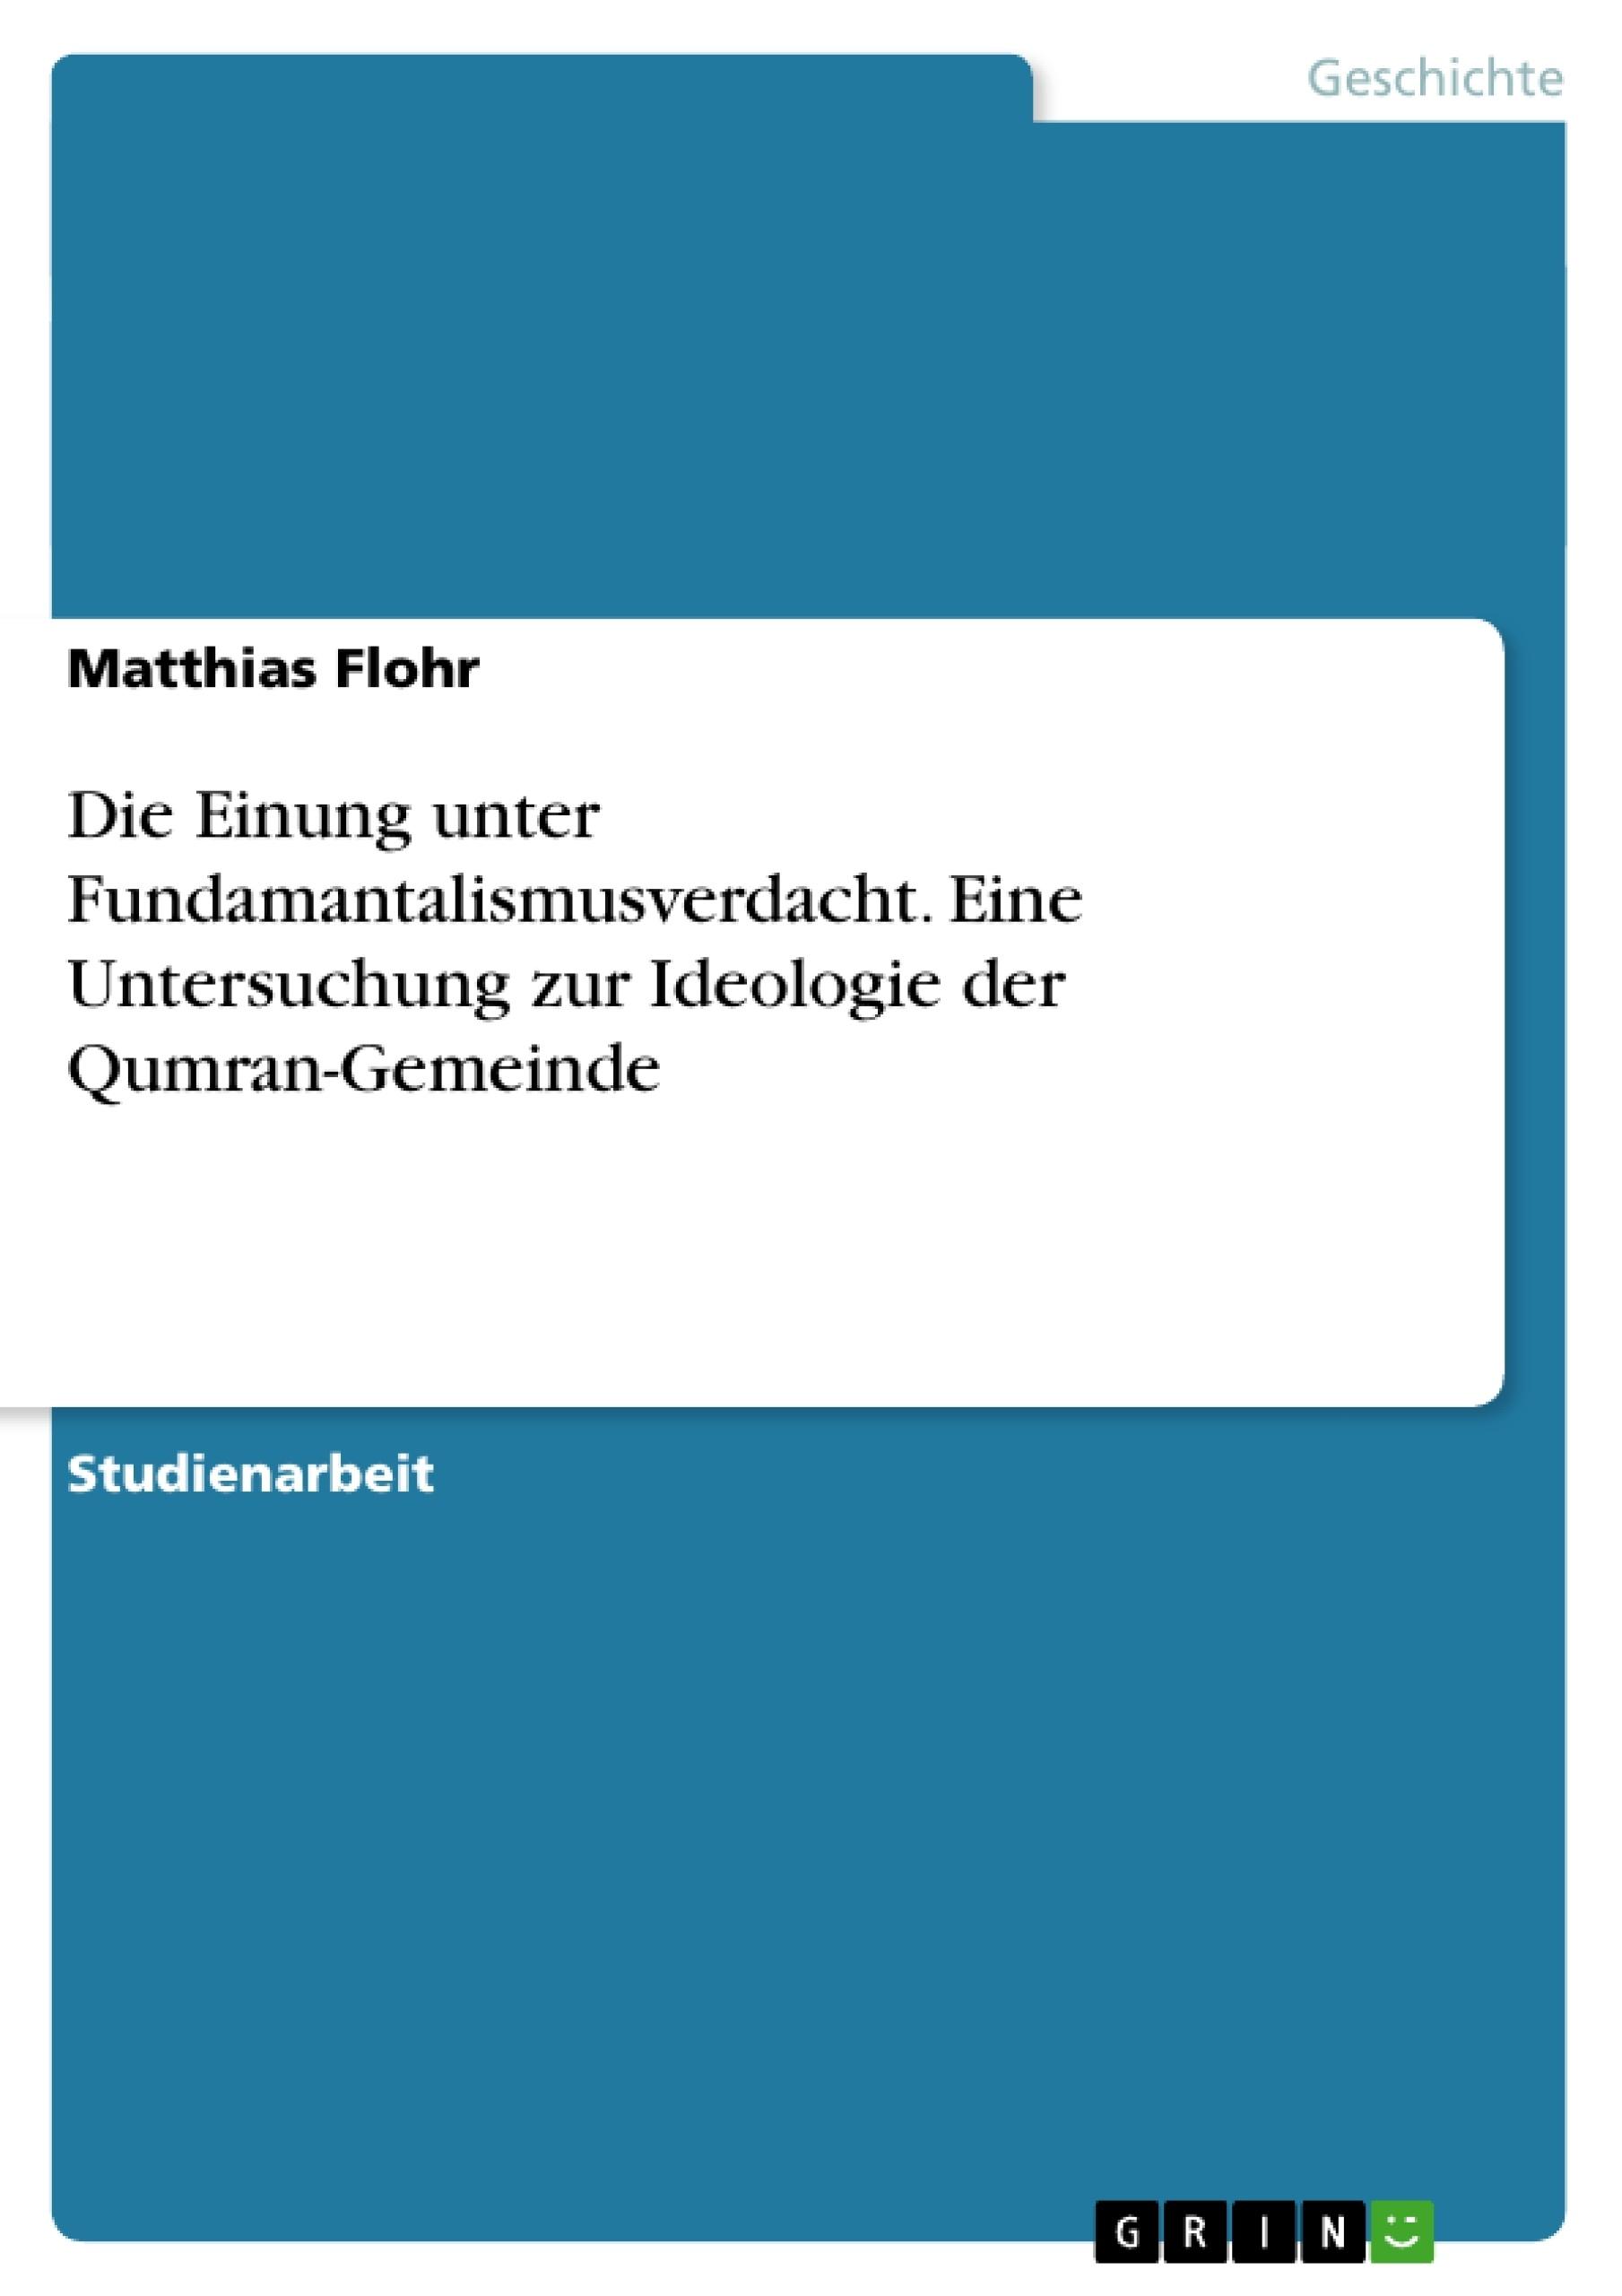 Titel: Die Einung unter Fundamantalismusverdacht. Eine Untersuchung zur Ideologie der Qumran-Gemeinde